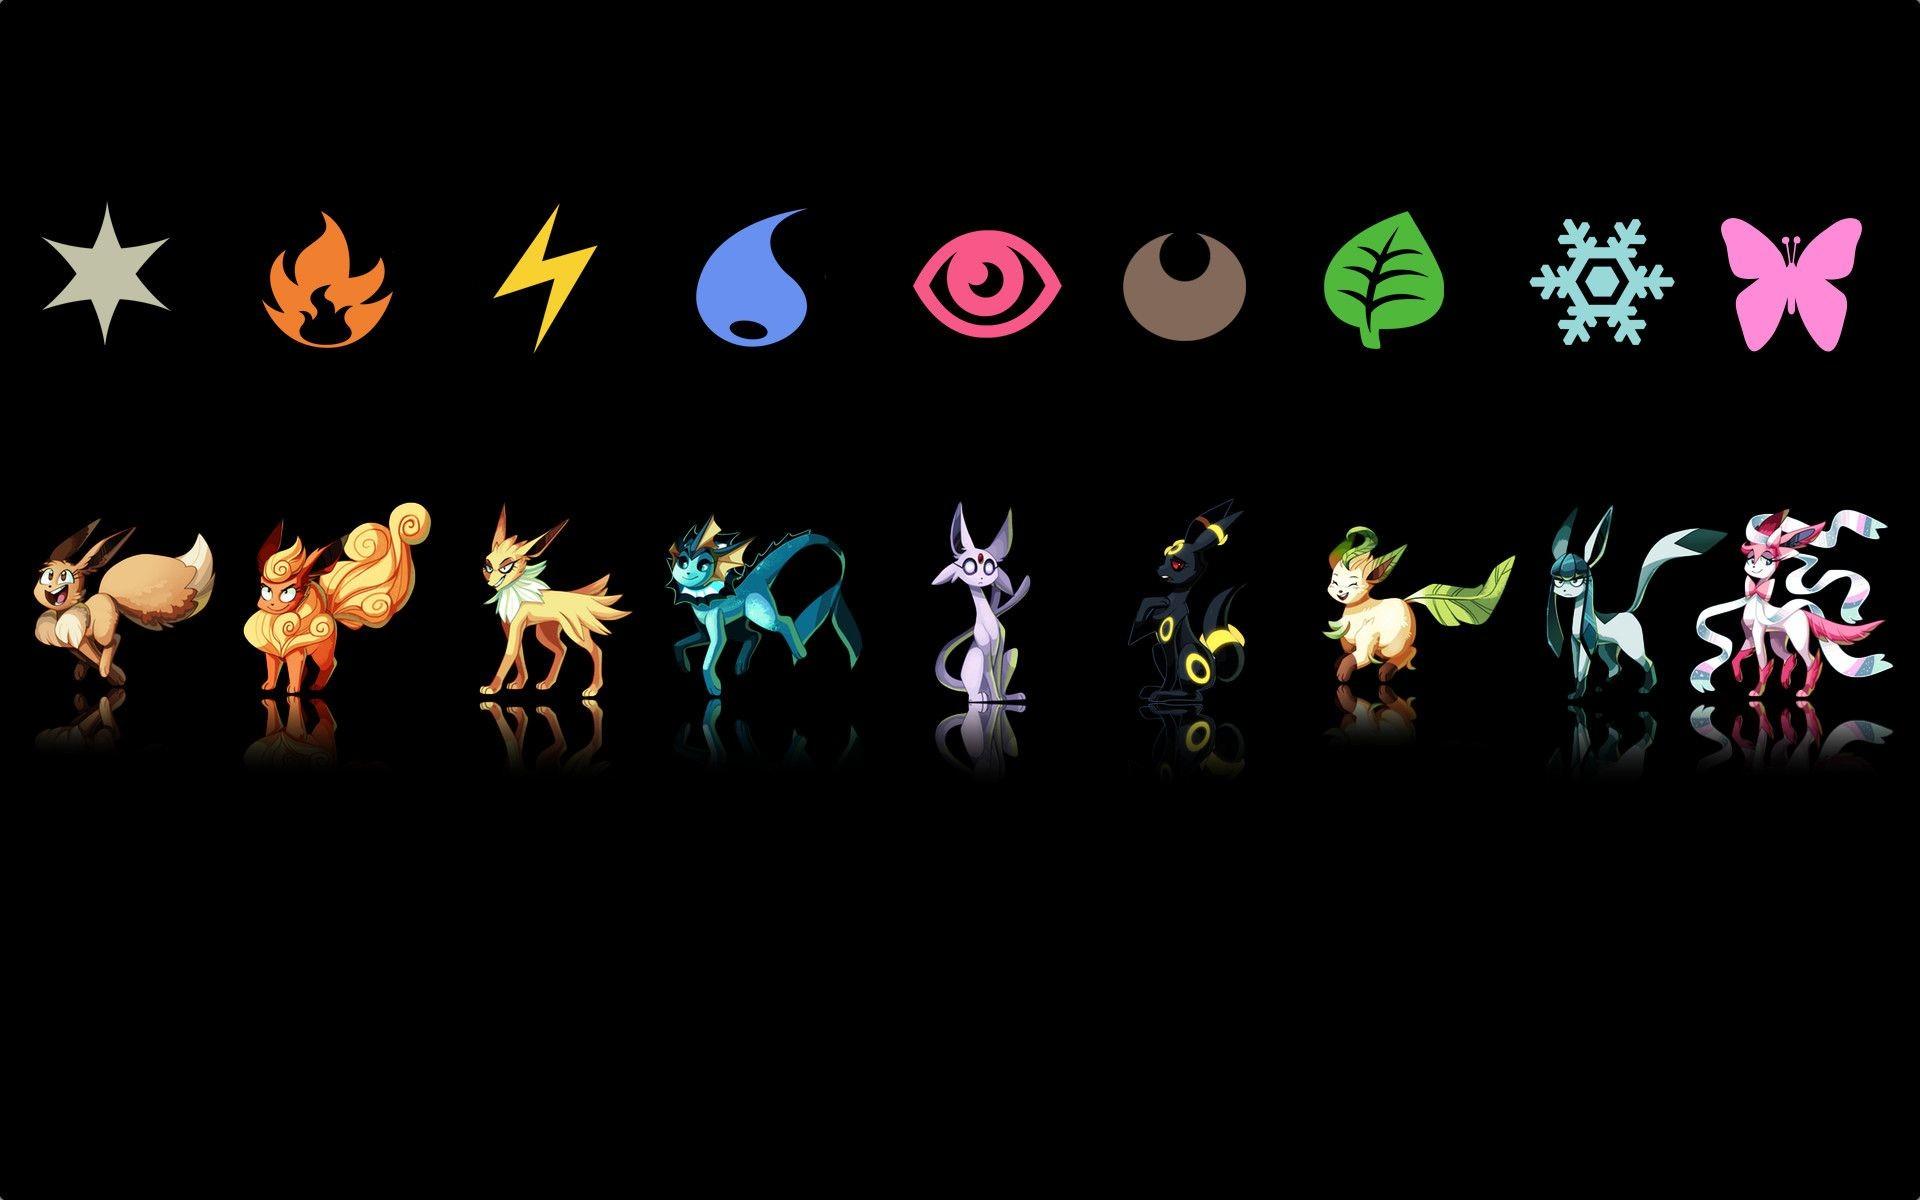 Eevee Evolutions Wallpaper 1